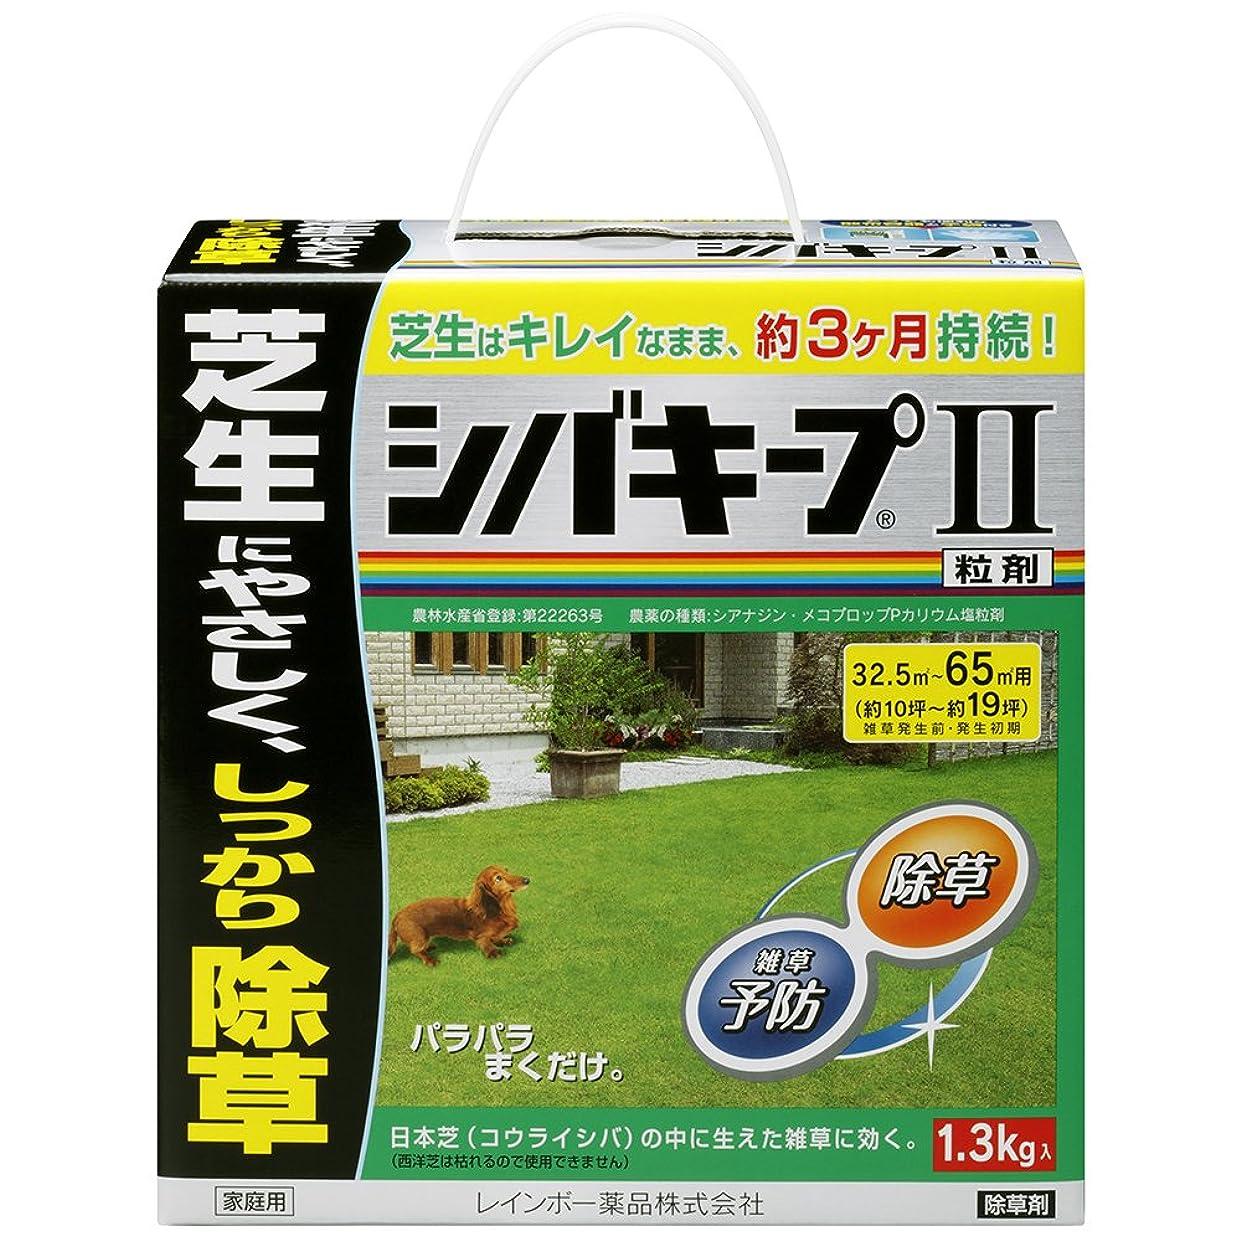 栄光の作者浸したレインボー薬品 シバキープII 粒剤 1.3kg